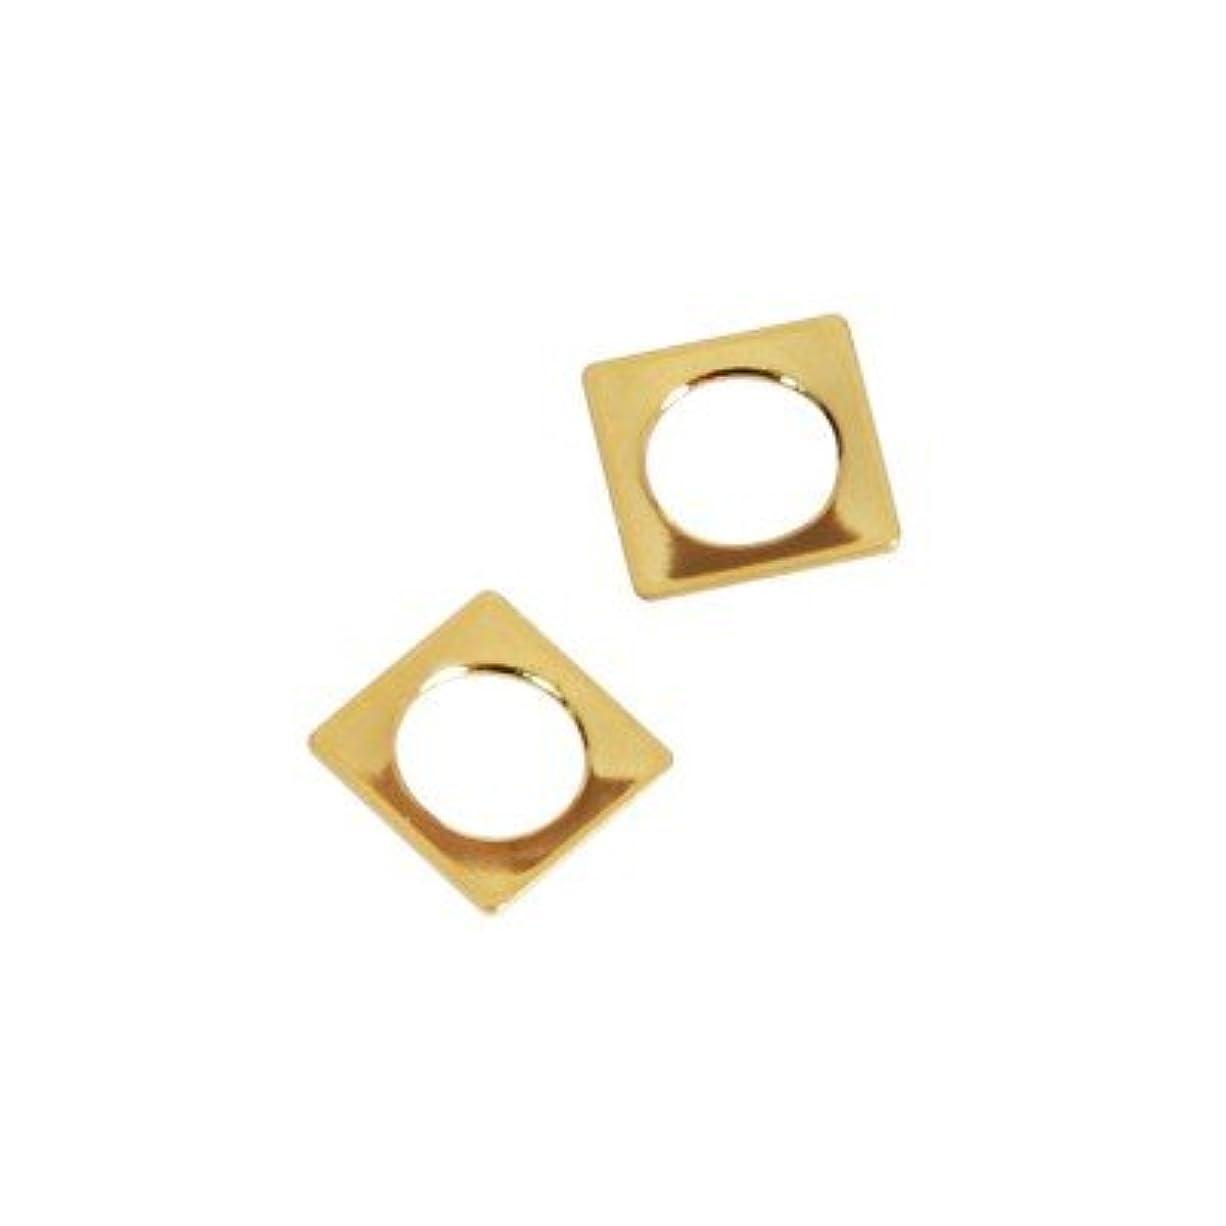 増幅器適度な寄生虫ピアドラ スタッズ スクエア 中抜き(ラウンド)4mm 50P ゴールド